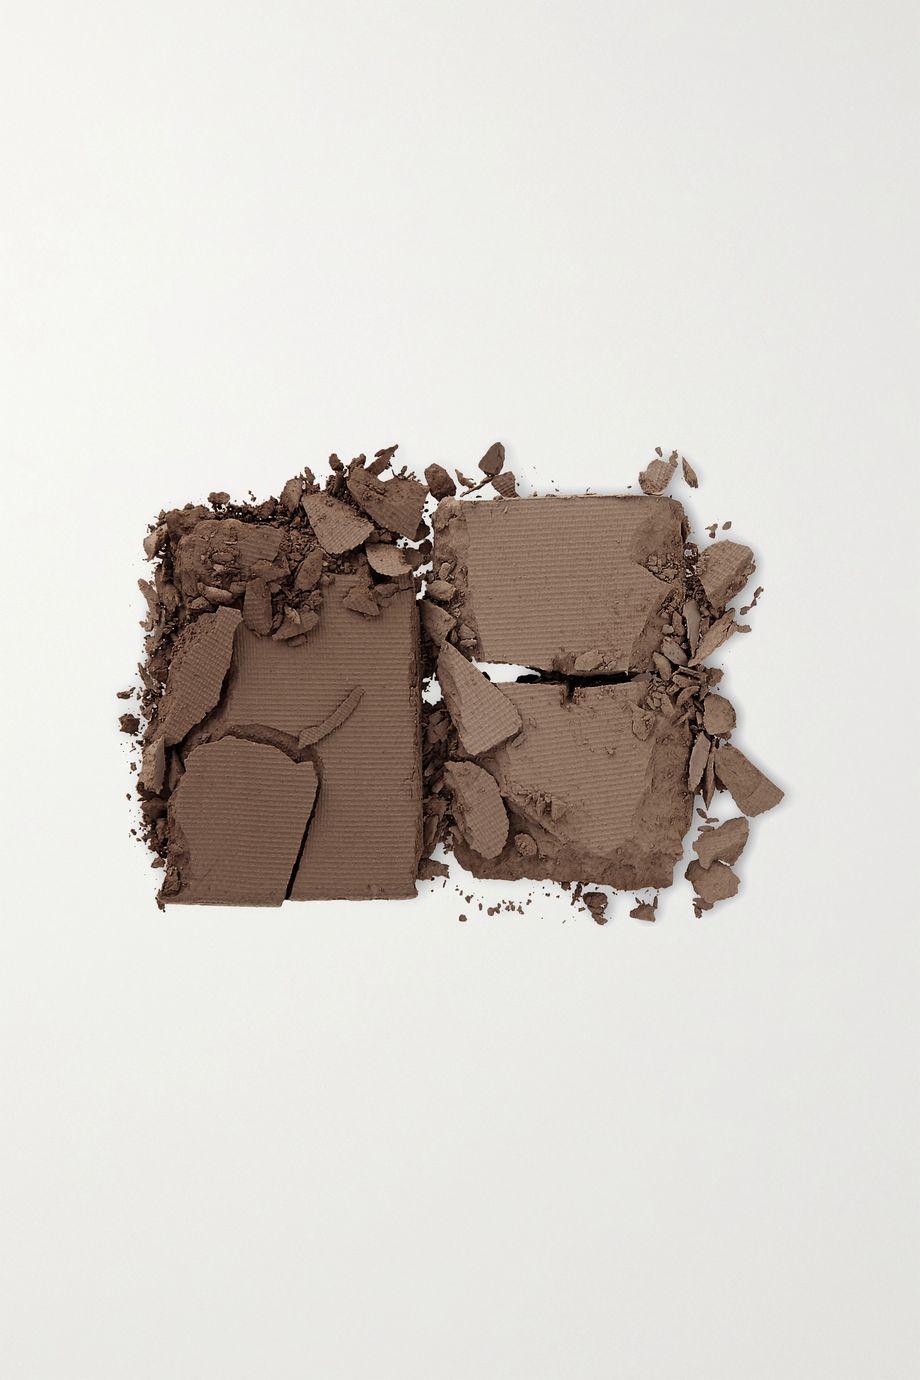 AMY JEAN Brows Duo de poudres pour les sourcils Brow Velvet, 03